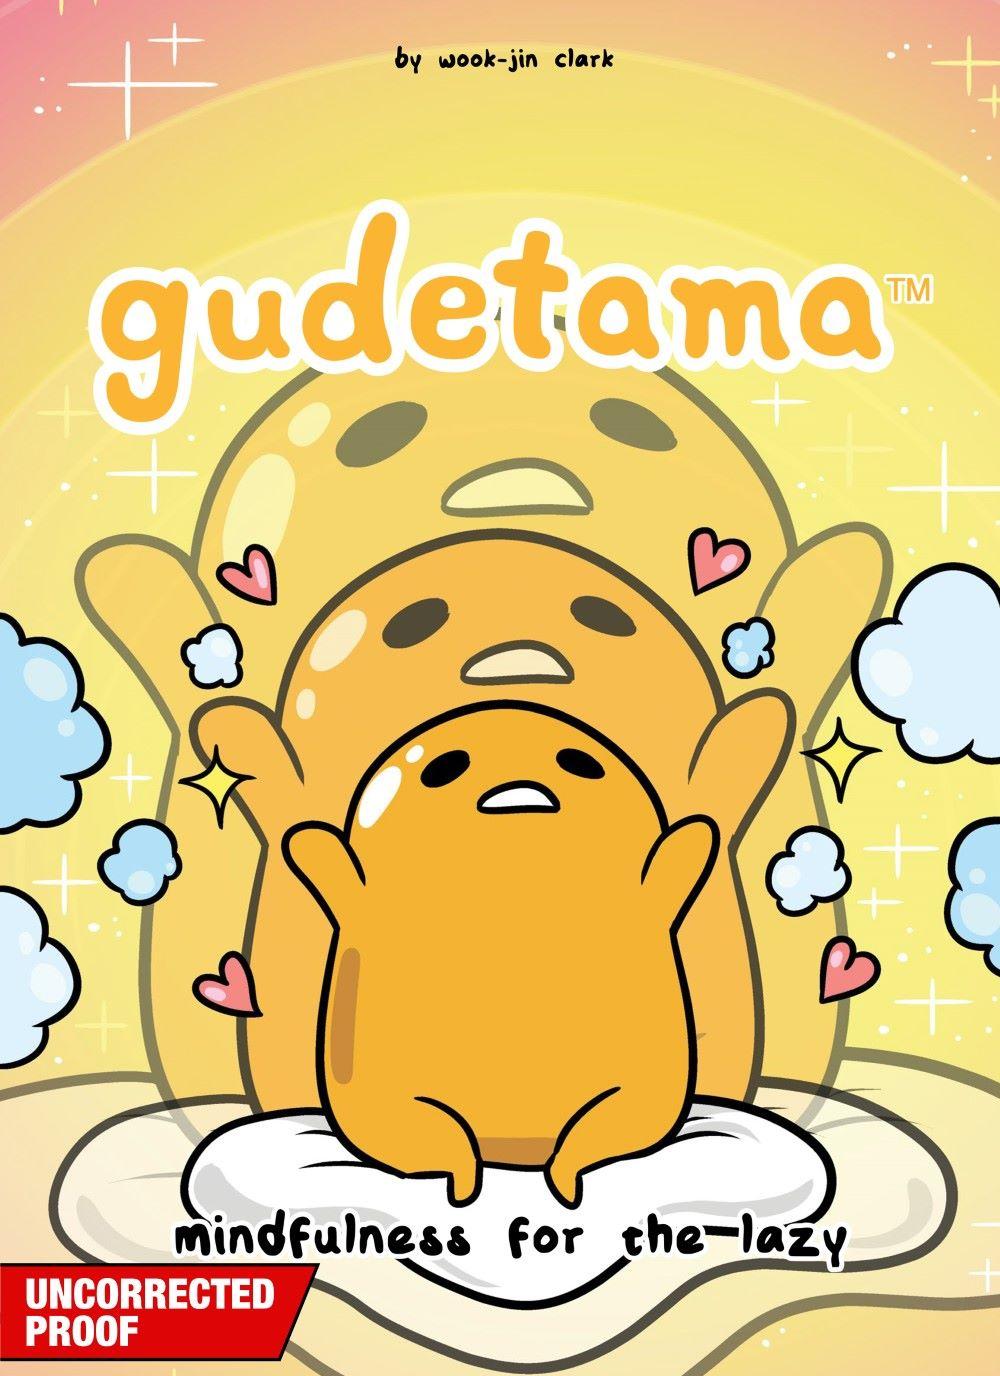 GUDETAMA-V4-MARKETING-01 ComicList Previews: GUDETAMA MINDFULNESS FOR THE LAZY HC